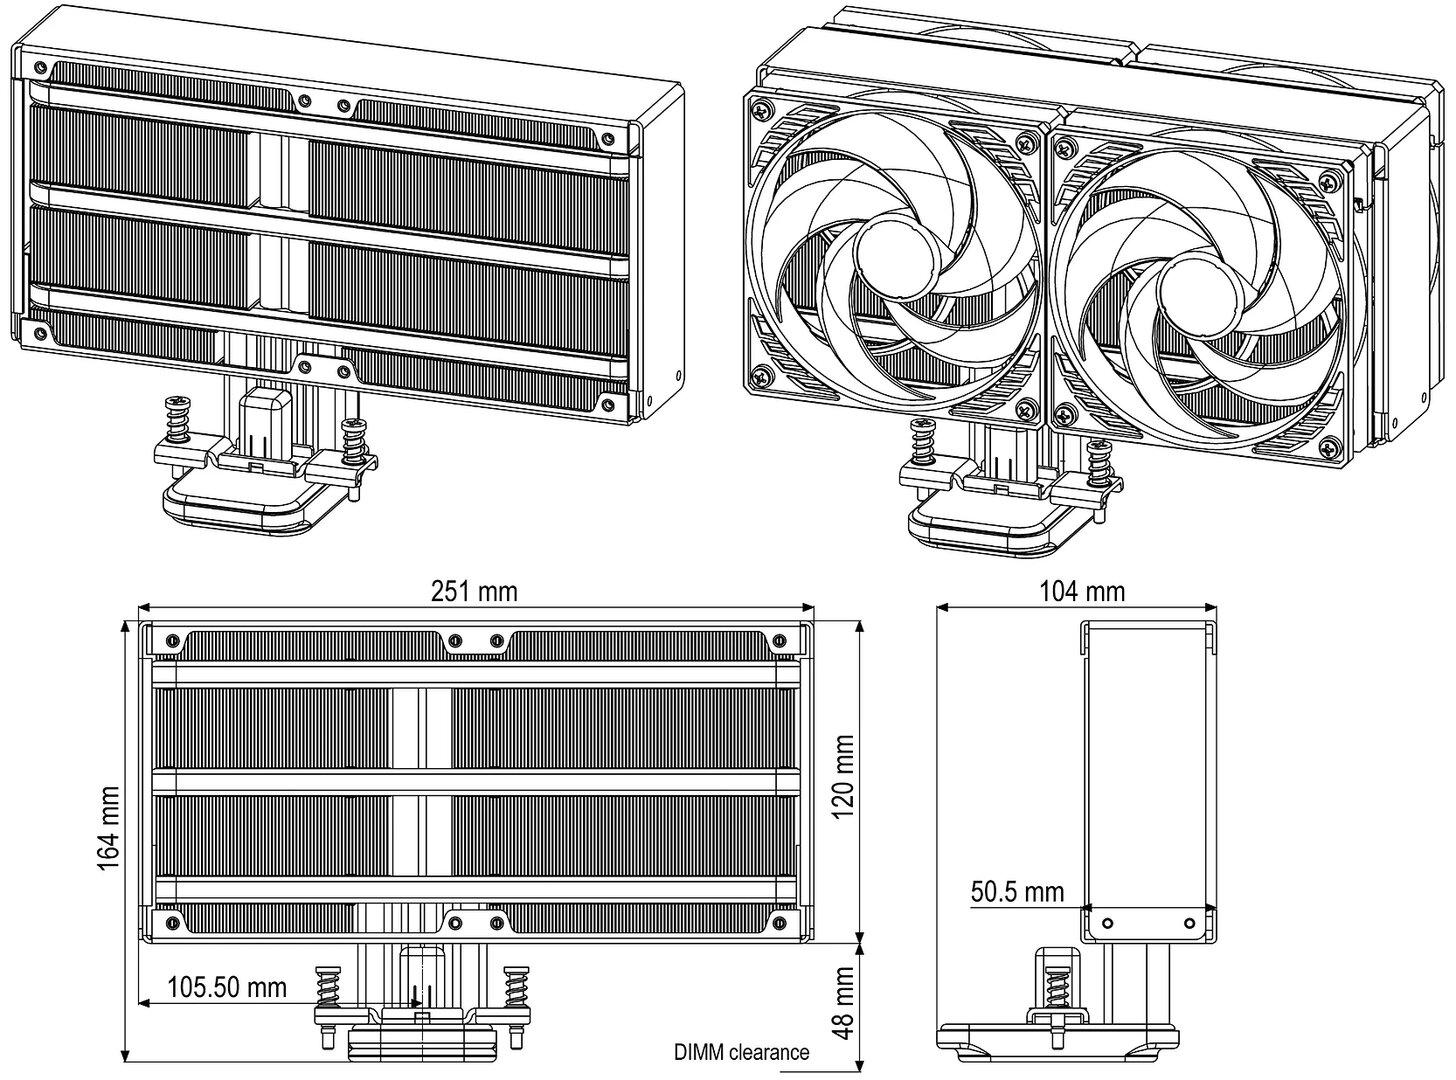 Воздушный кулер IceGiant ProSiphon Elite доступен по цене от 185 евро